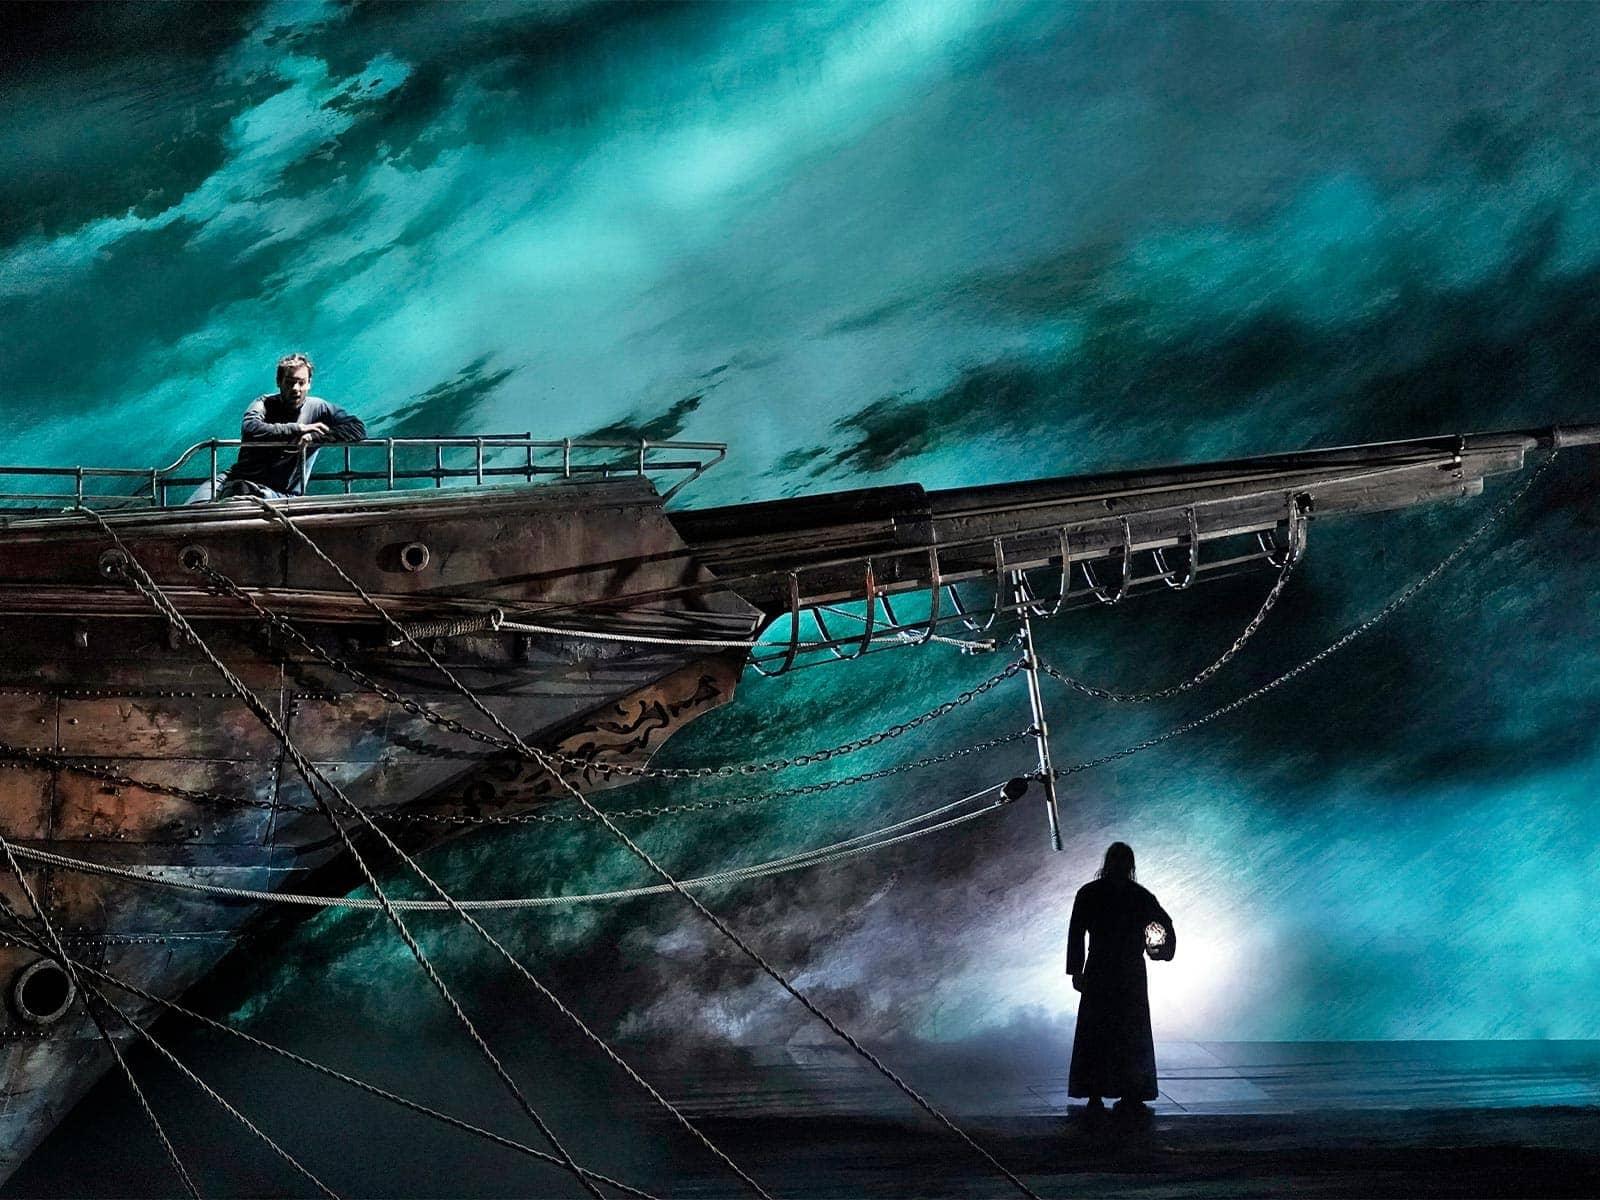 На сцене Метрополитен-оперы в Нью-Йорке состоится премьера оперы Вагнера «Летучий голландец». Фото - metopera.org